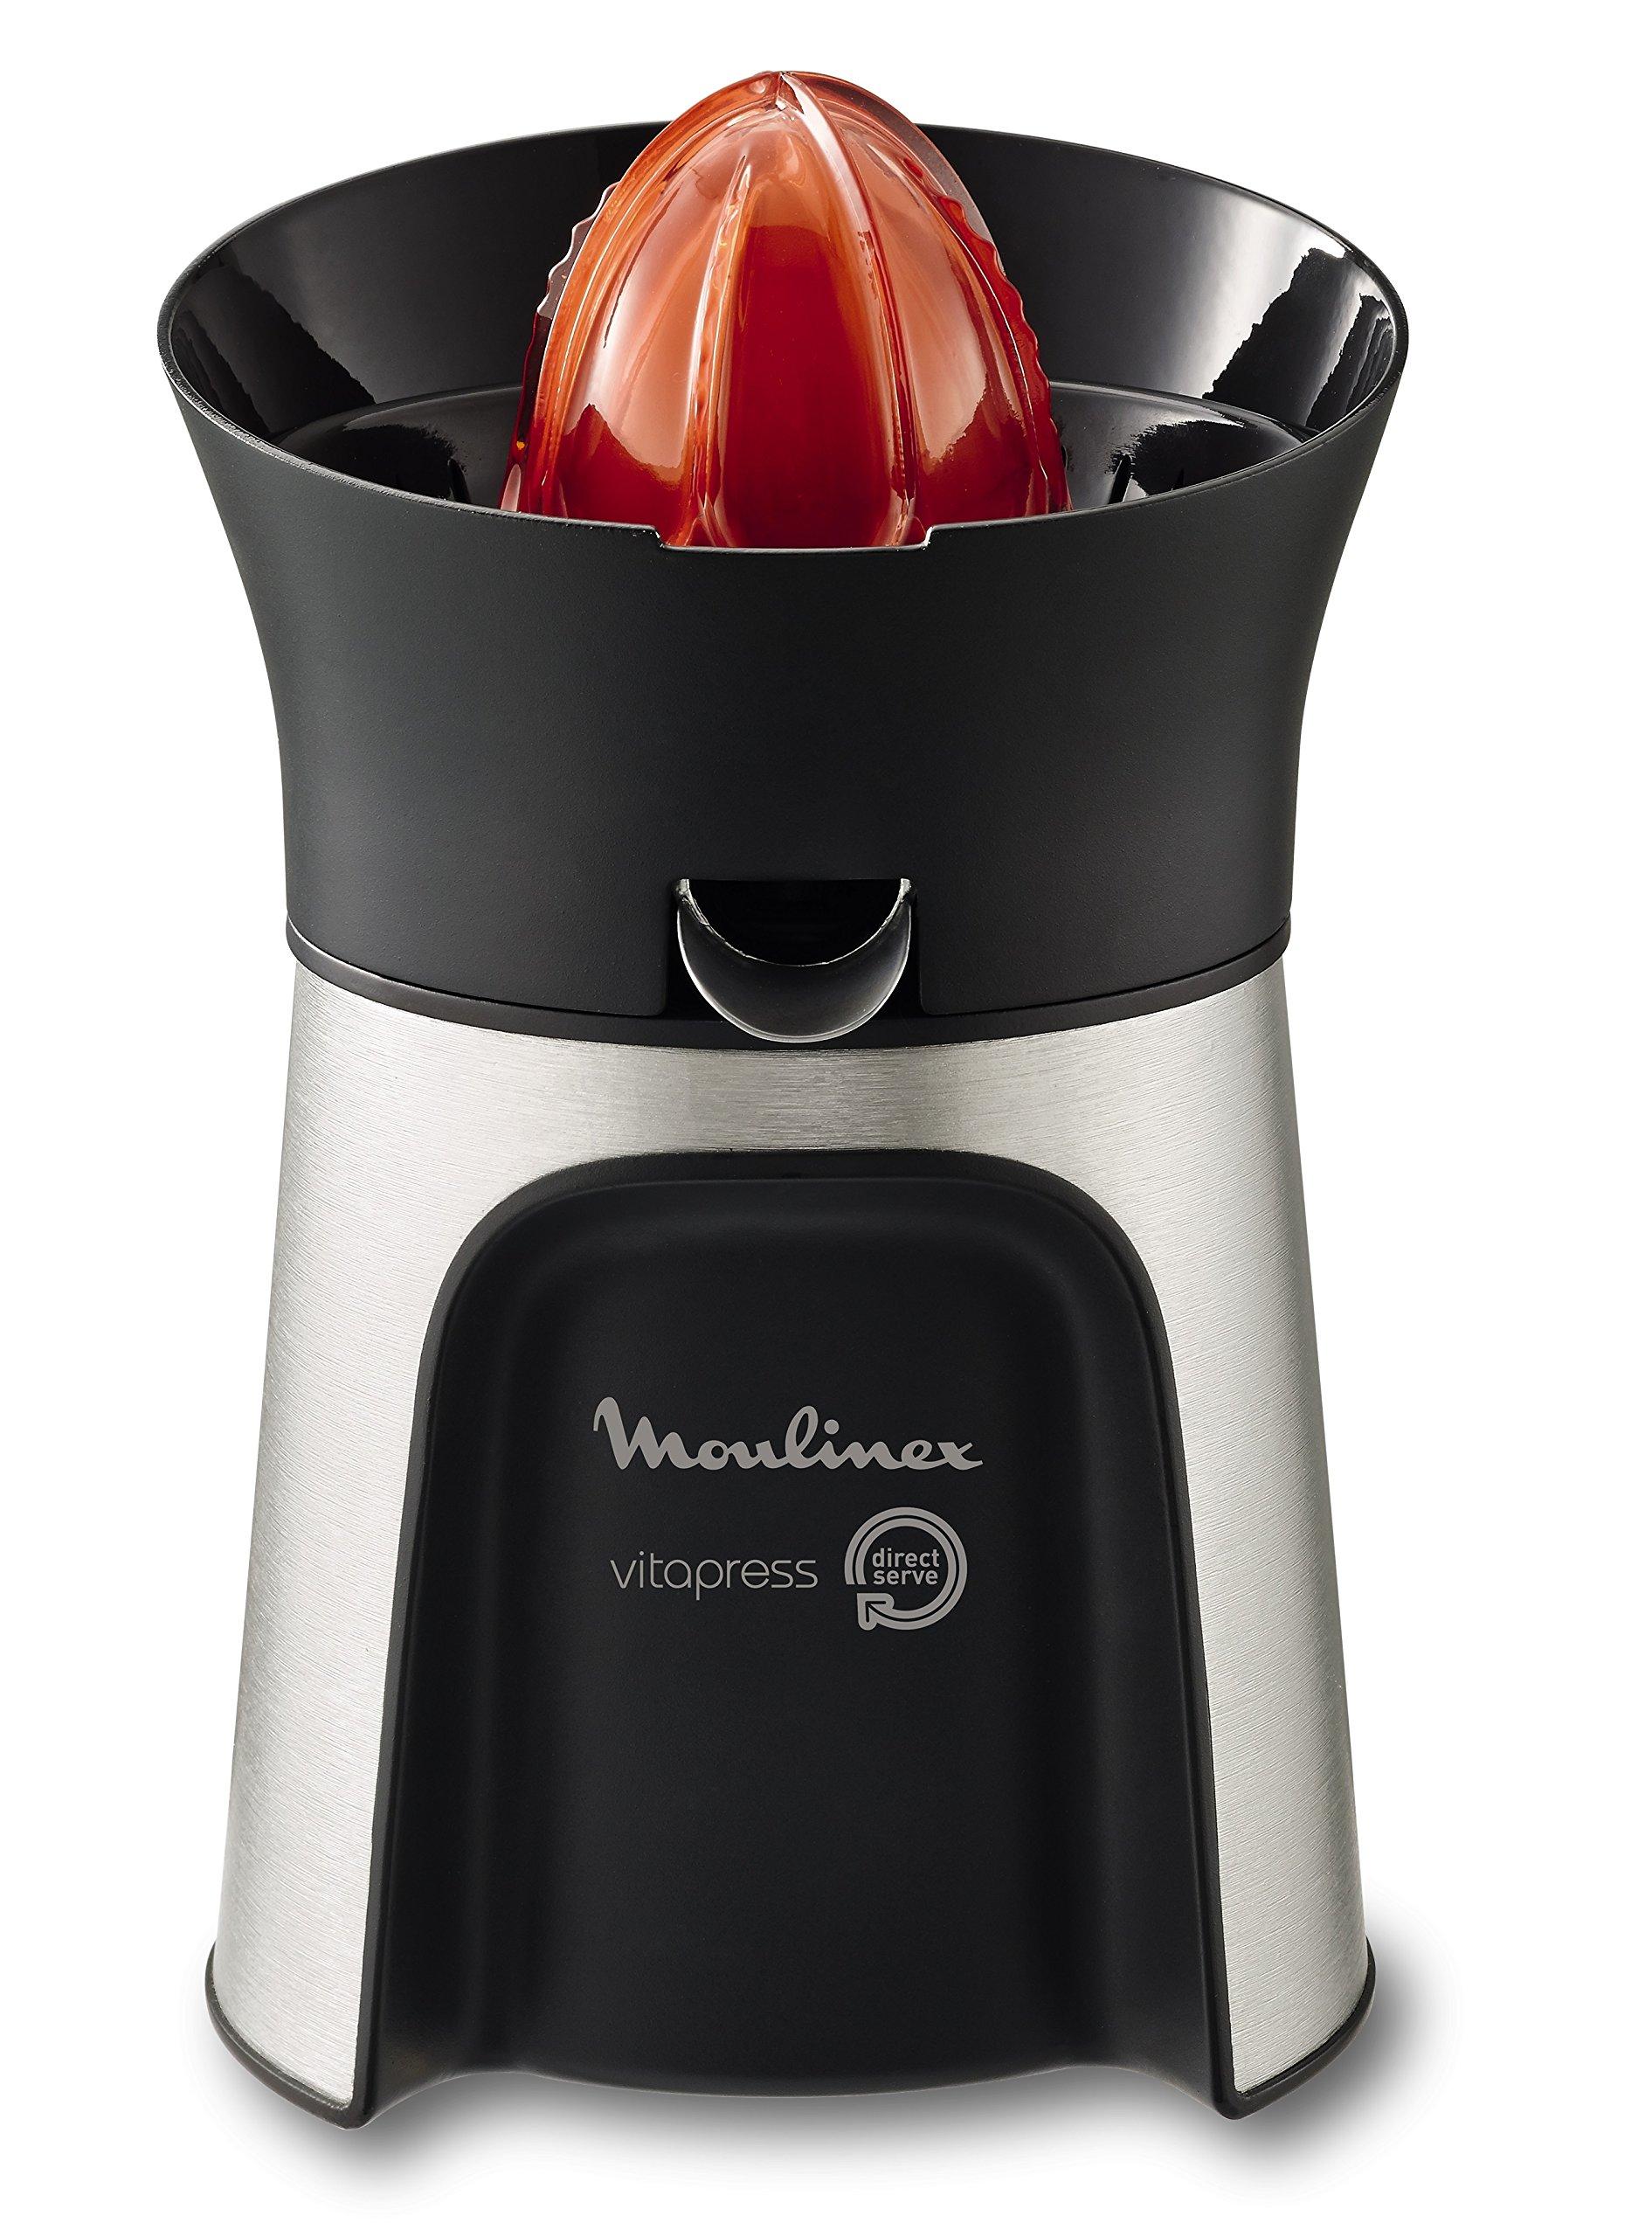 Moulinex Vitapress PC603D Exprimidor 100W de potencia con vertido directamente en el vaso, 3 conos